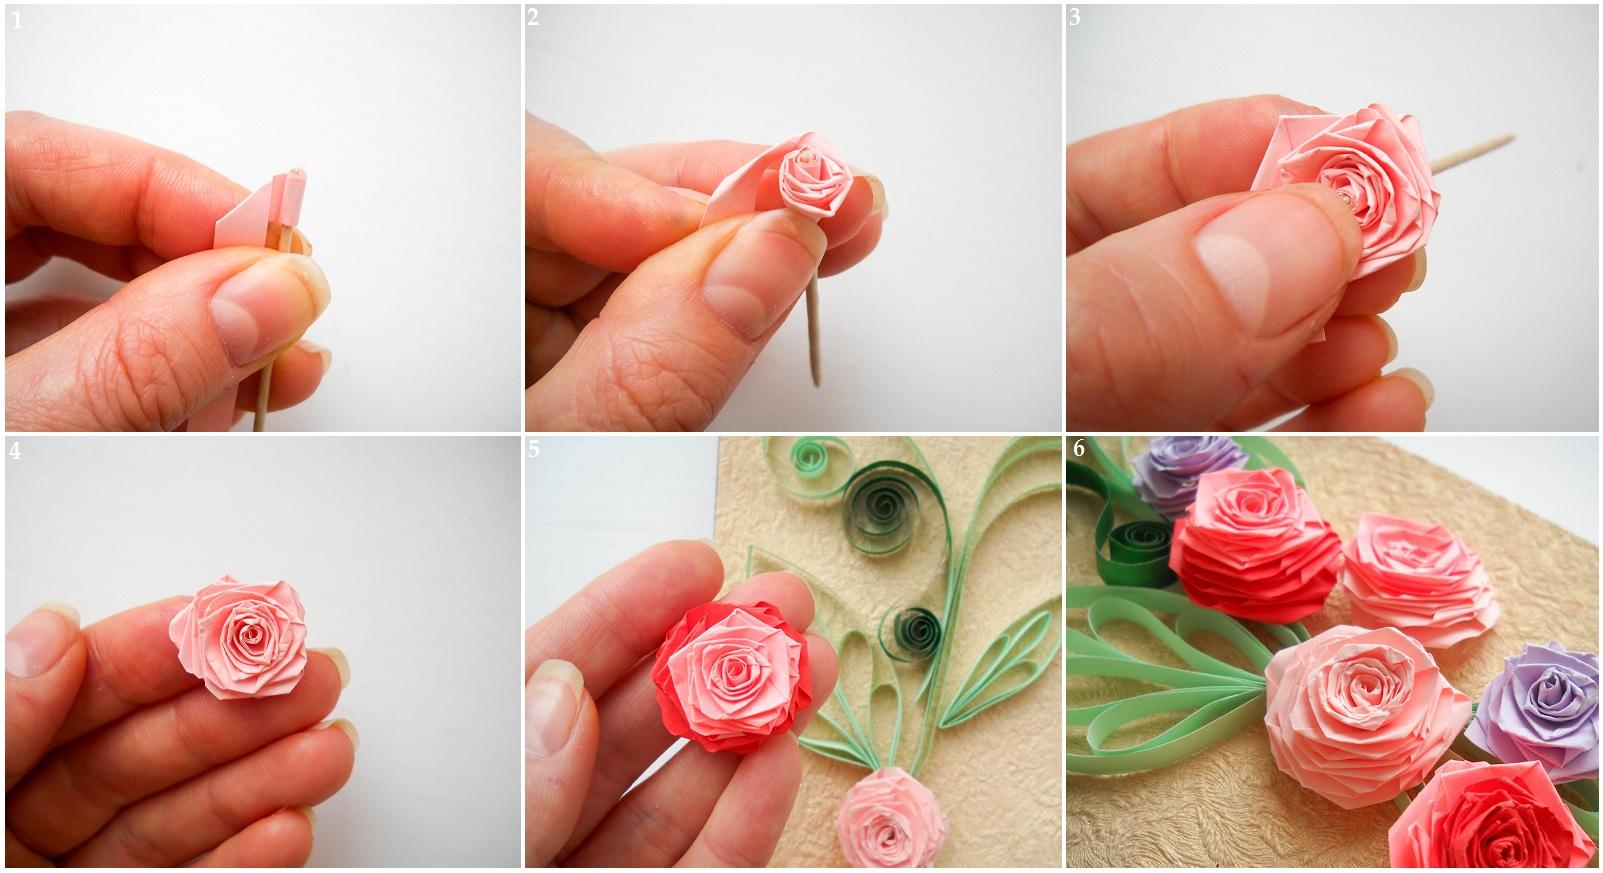 Роза в руках - Люблю Тебя!, Открытки для поздравления - Pinterest